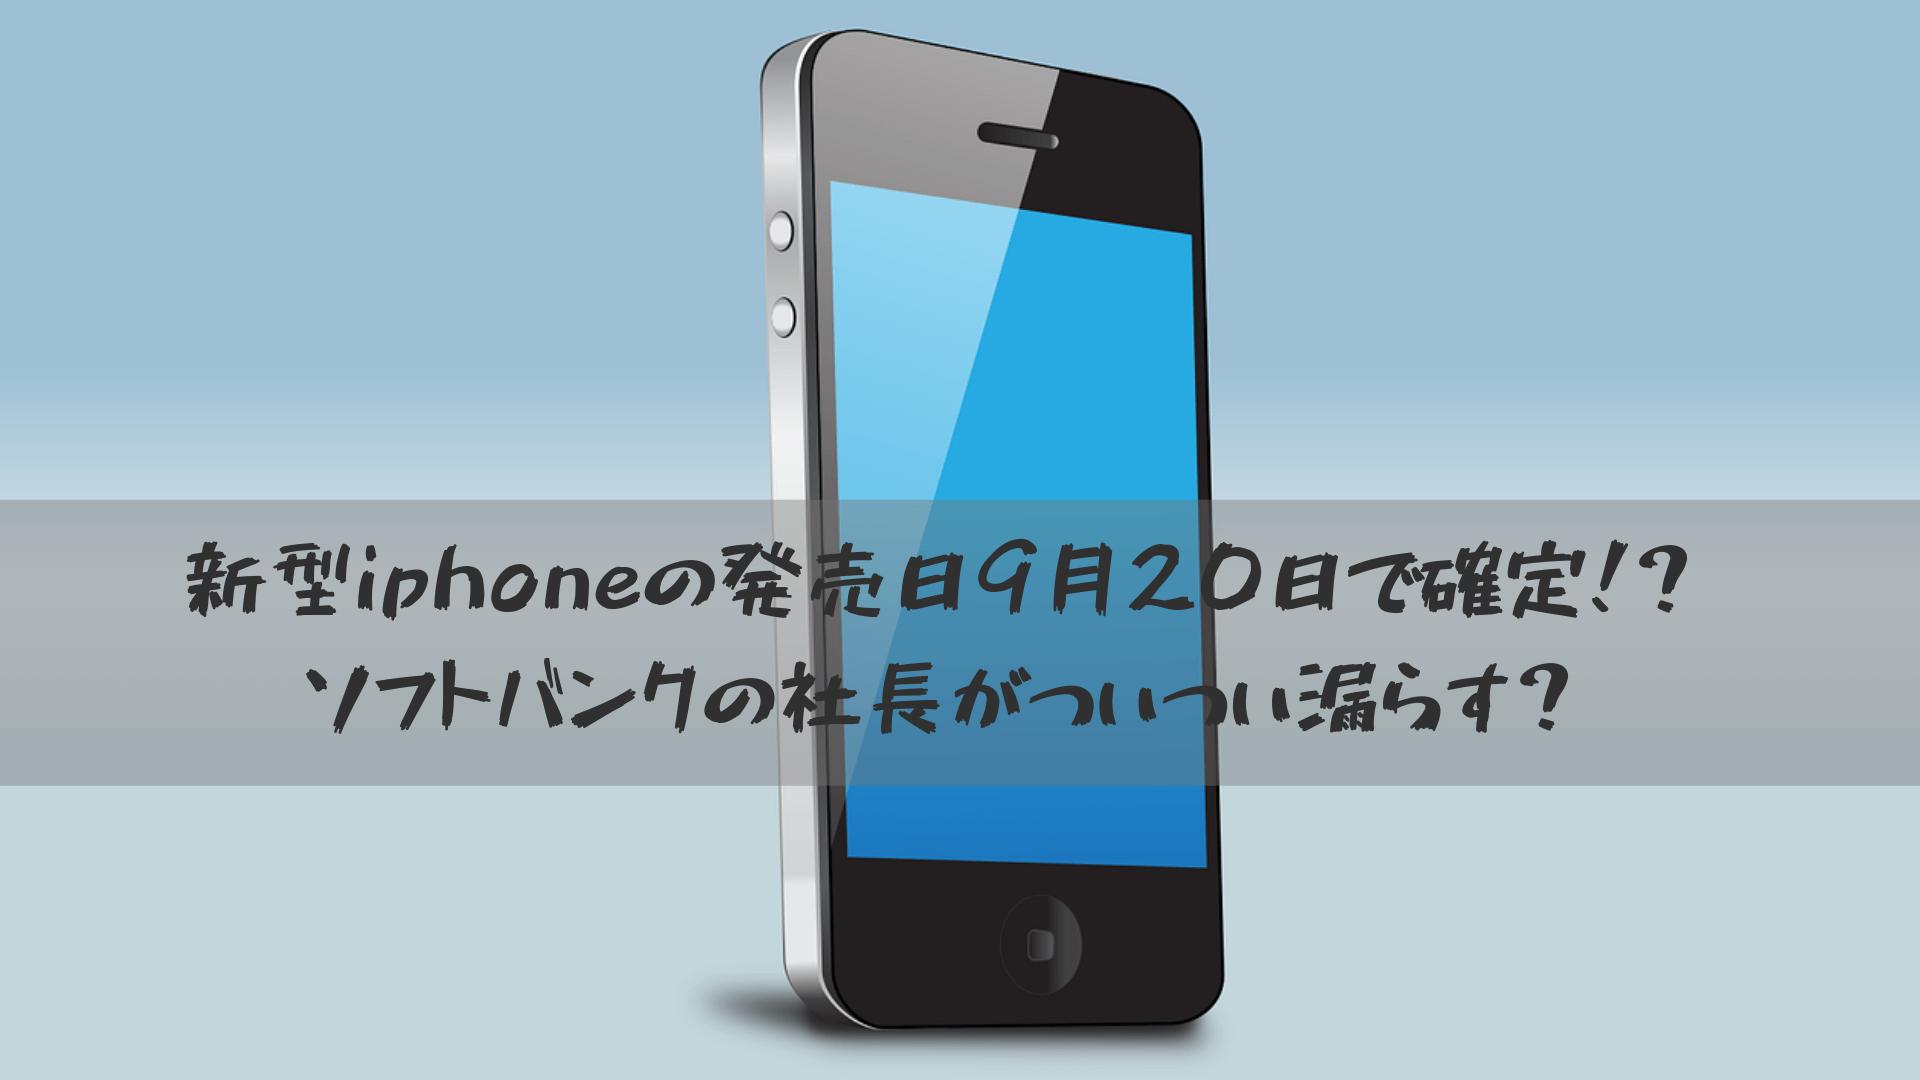 新型iphoneの発売日9月20日で確定!?ソフトバンクの社長がついつい漏らす?